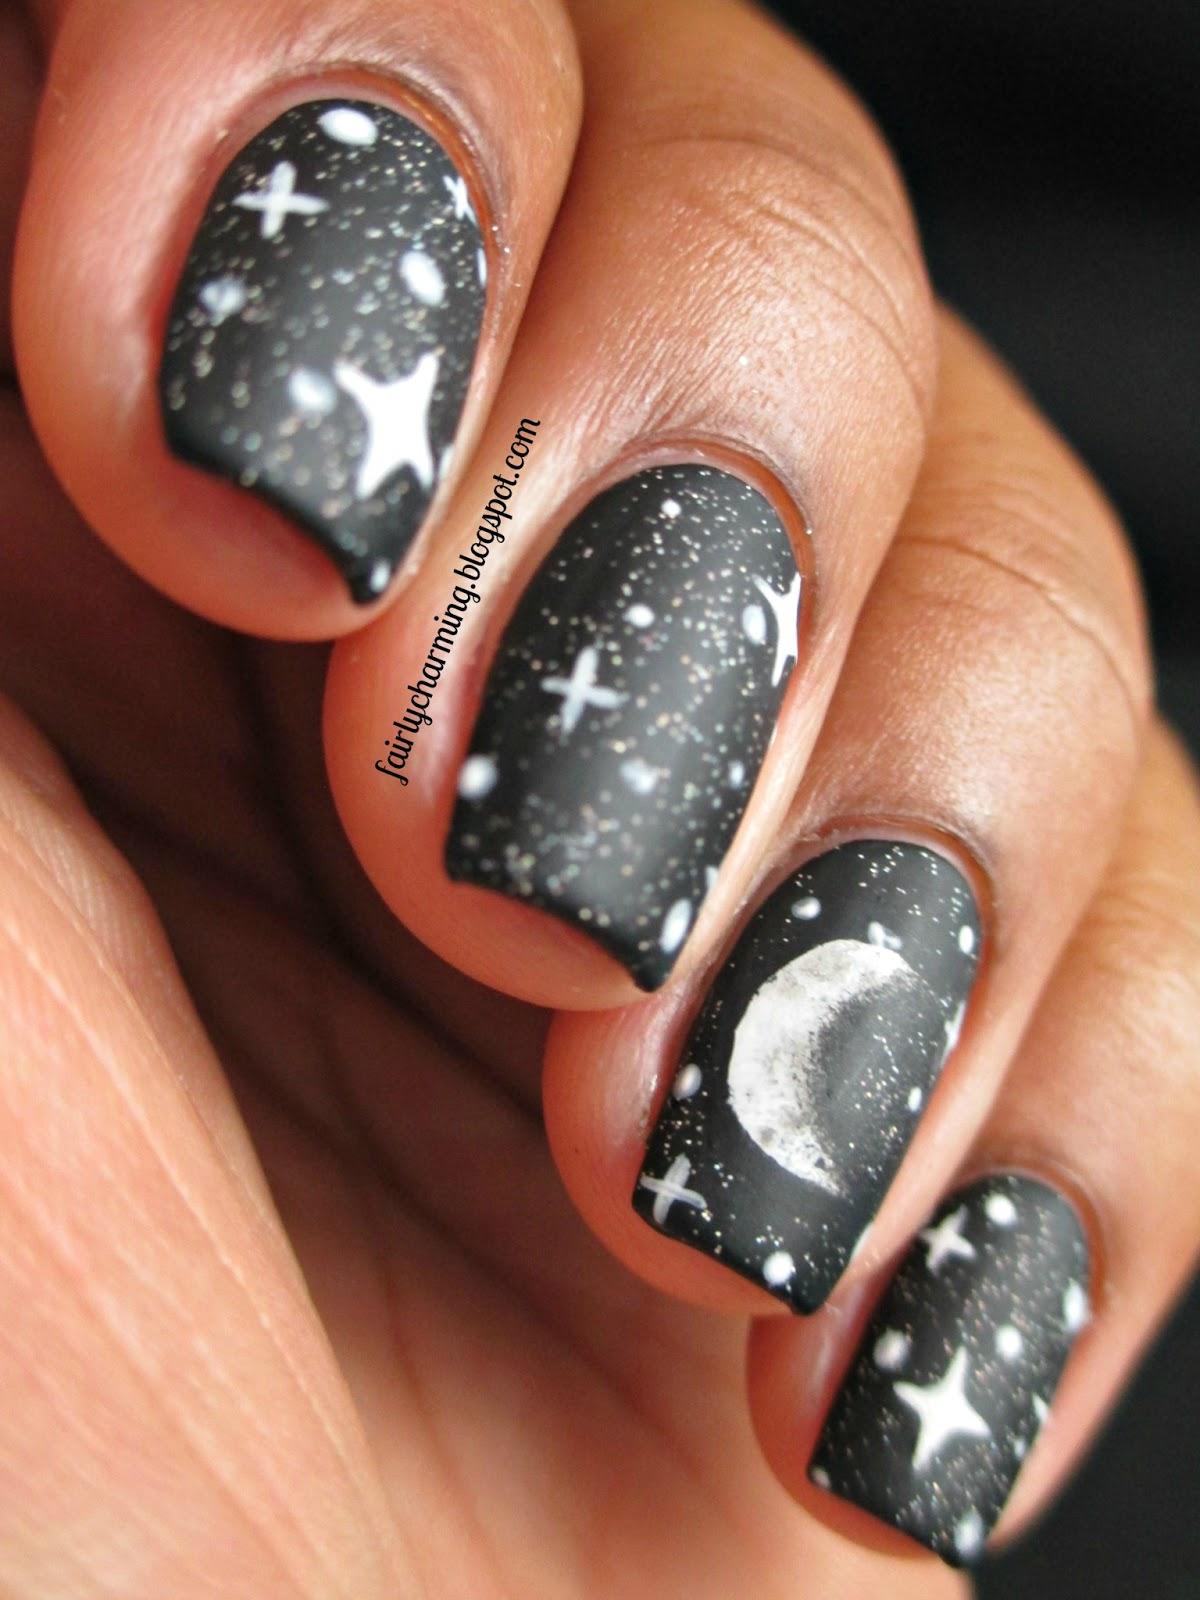 Moon design nails